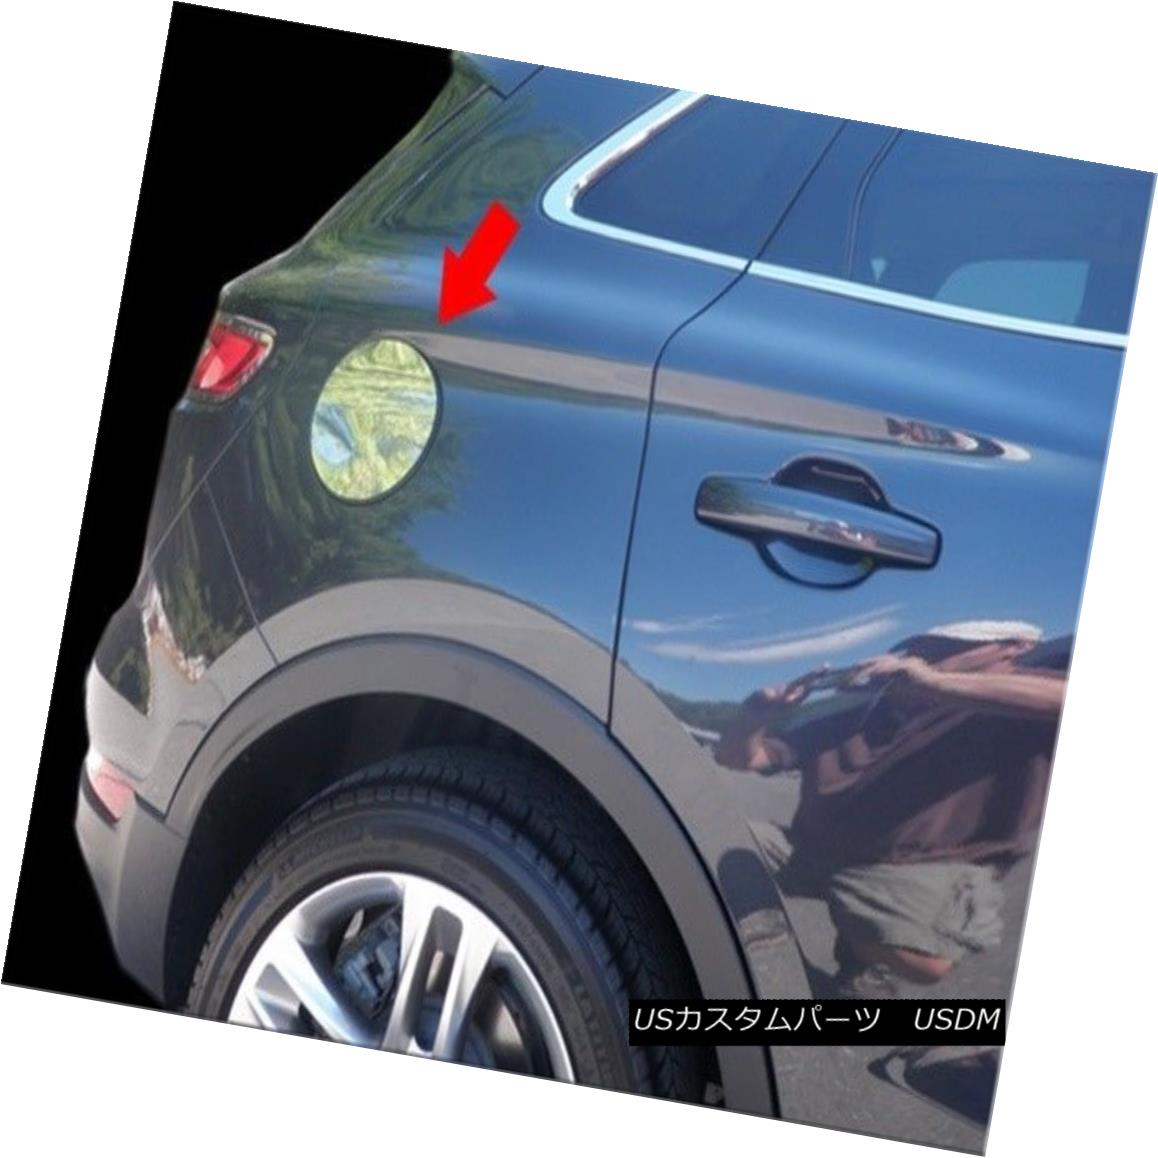 グリル Fits 2015-2017 LINCOLN MKC 4-door, SUV -Stainless Steel GAS CAP DOOR 適合2015-2017 LINCOLN MKC 4ドア、SUV - ステンレススチールGAS CAP DOOR